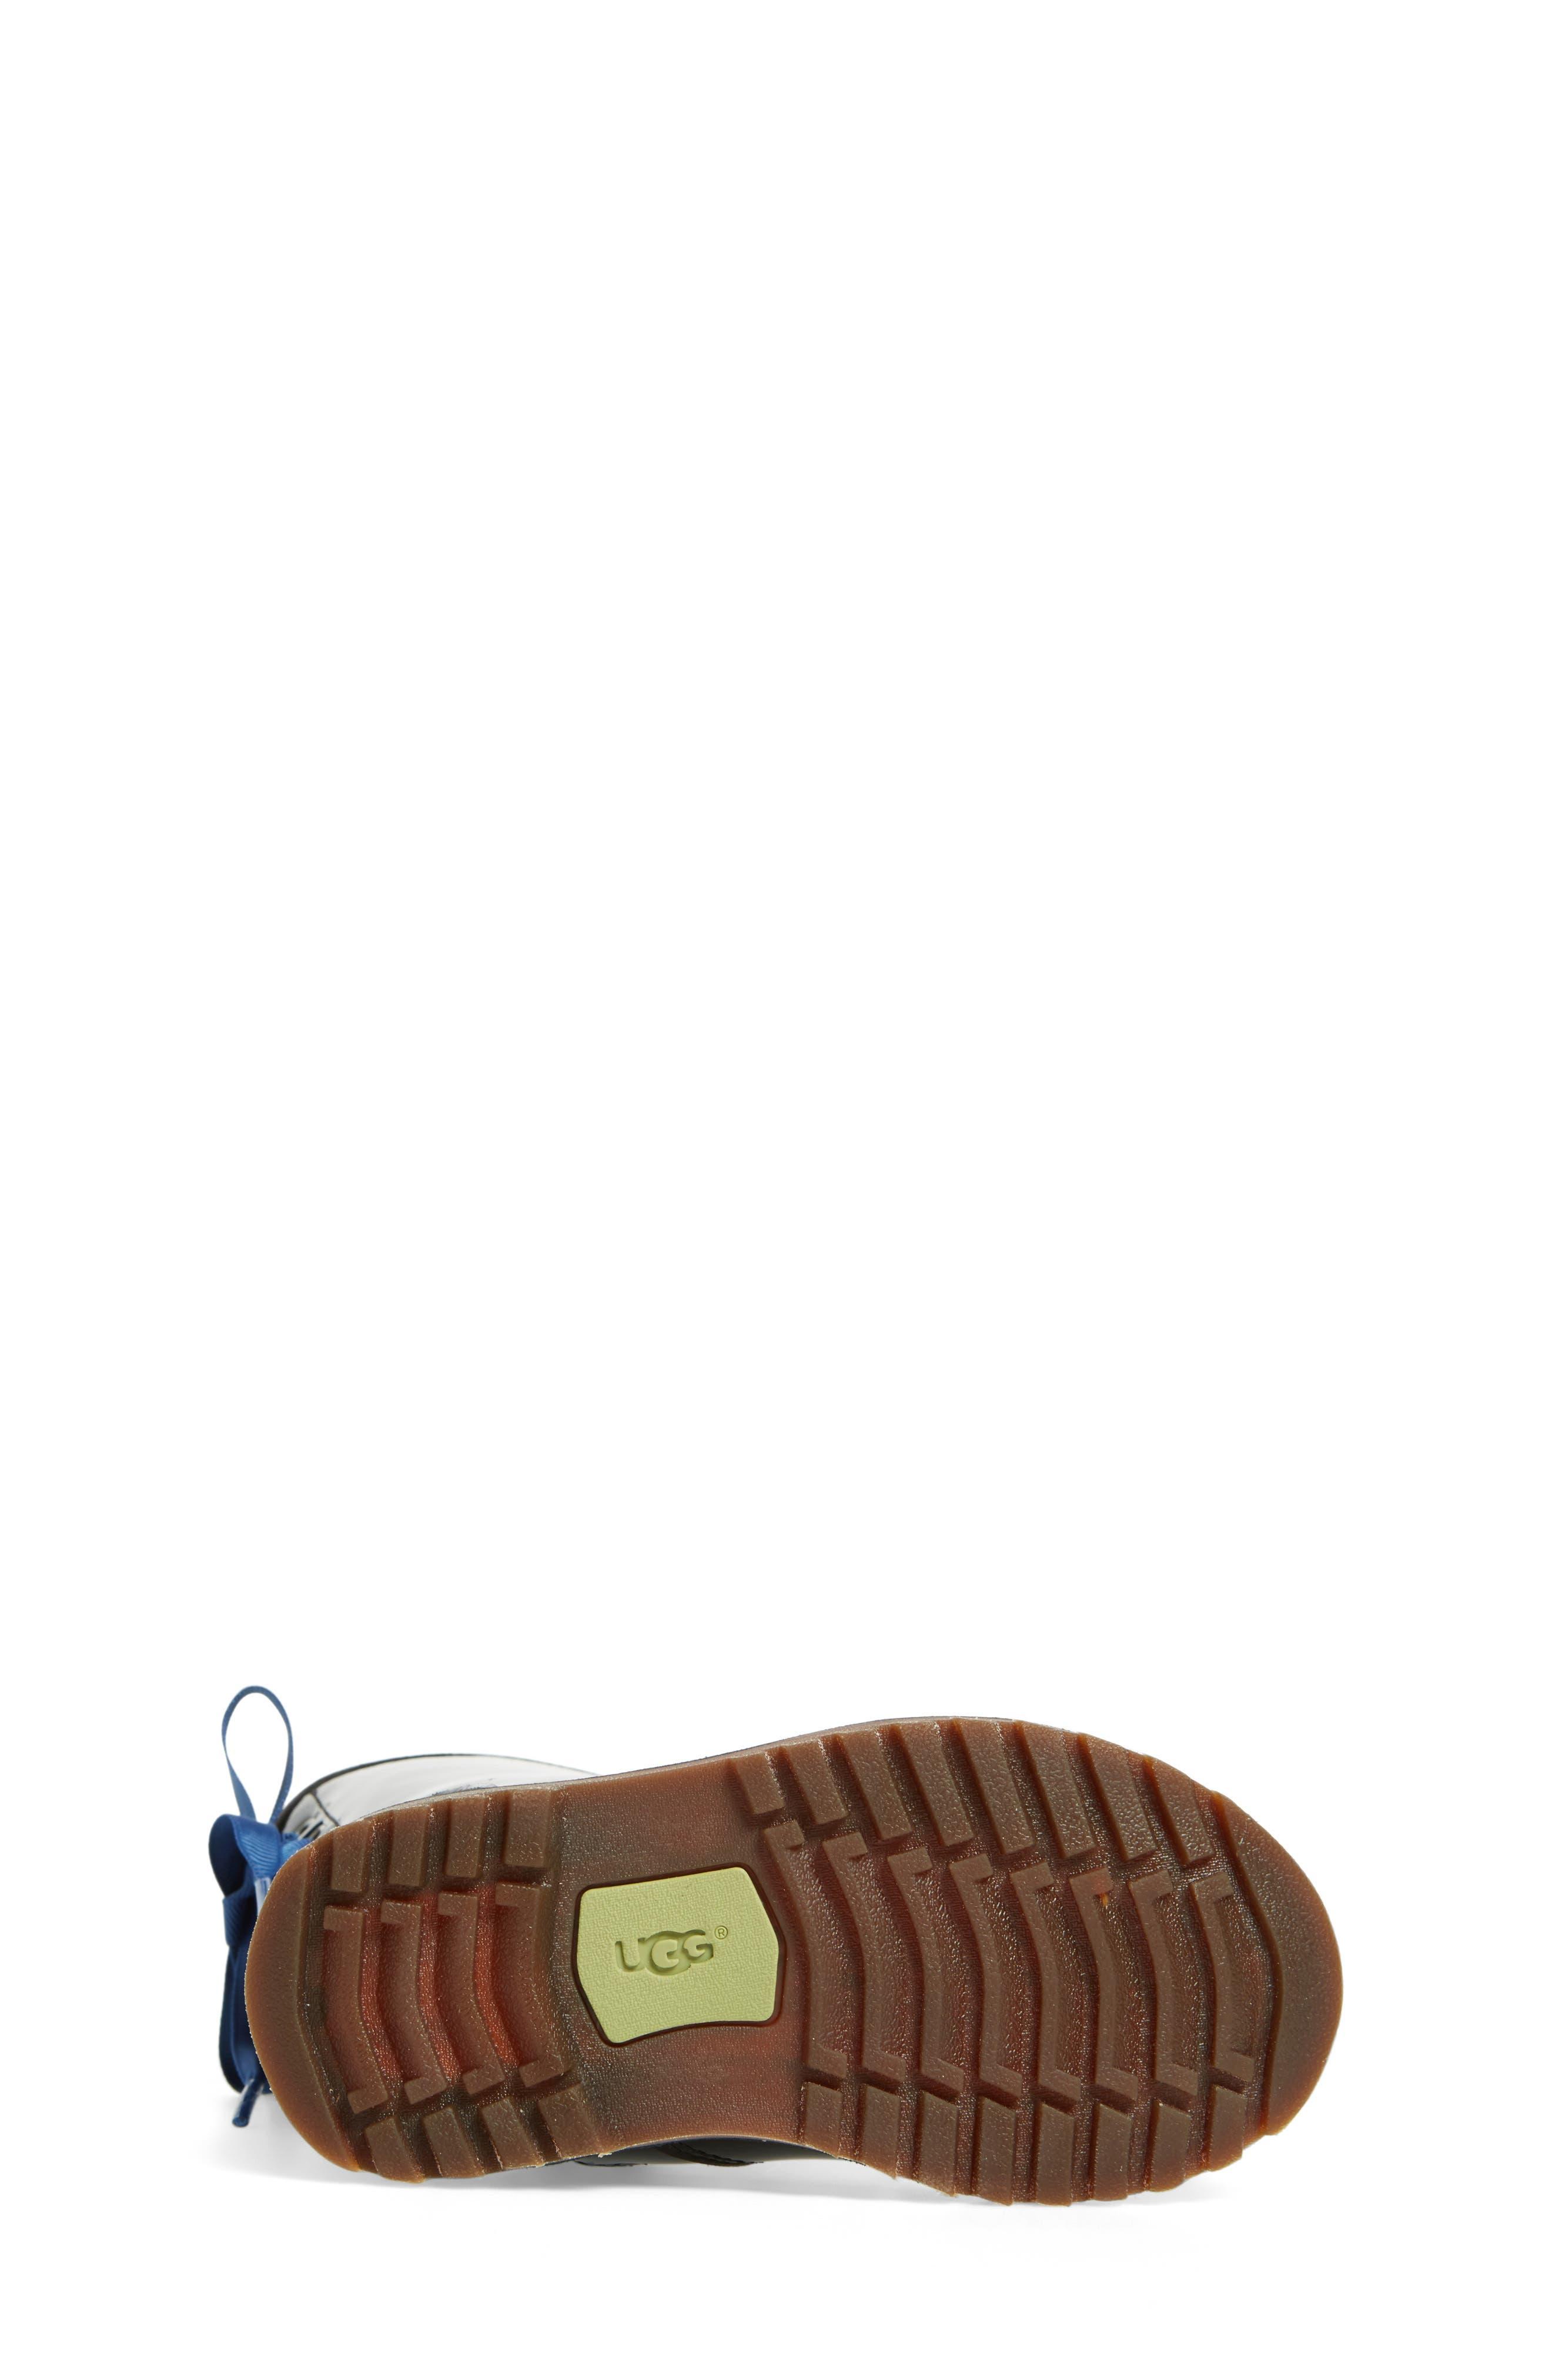 Corene Patent Leather Boot,                             Alternate thumbnail 3, color,                             BLACK/ BLACK